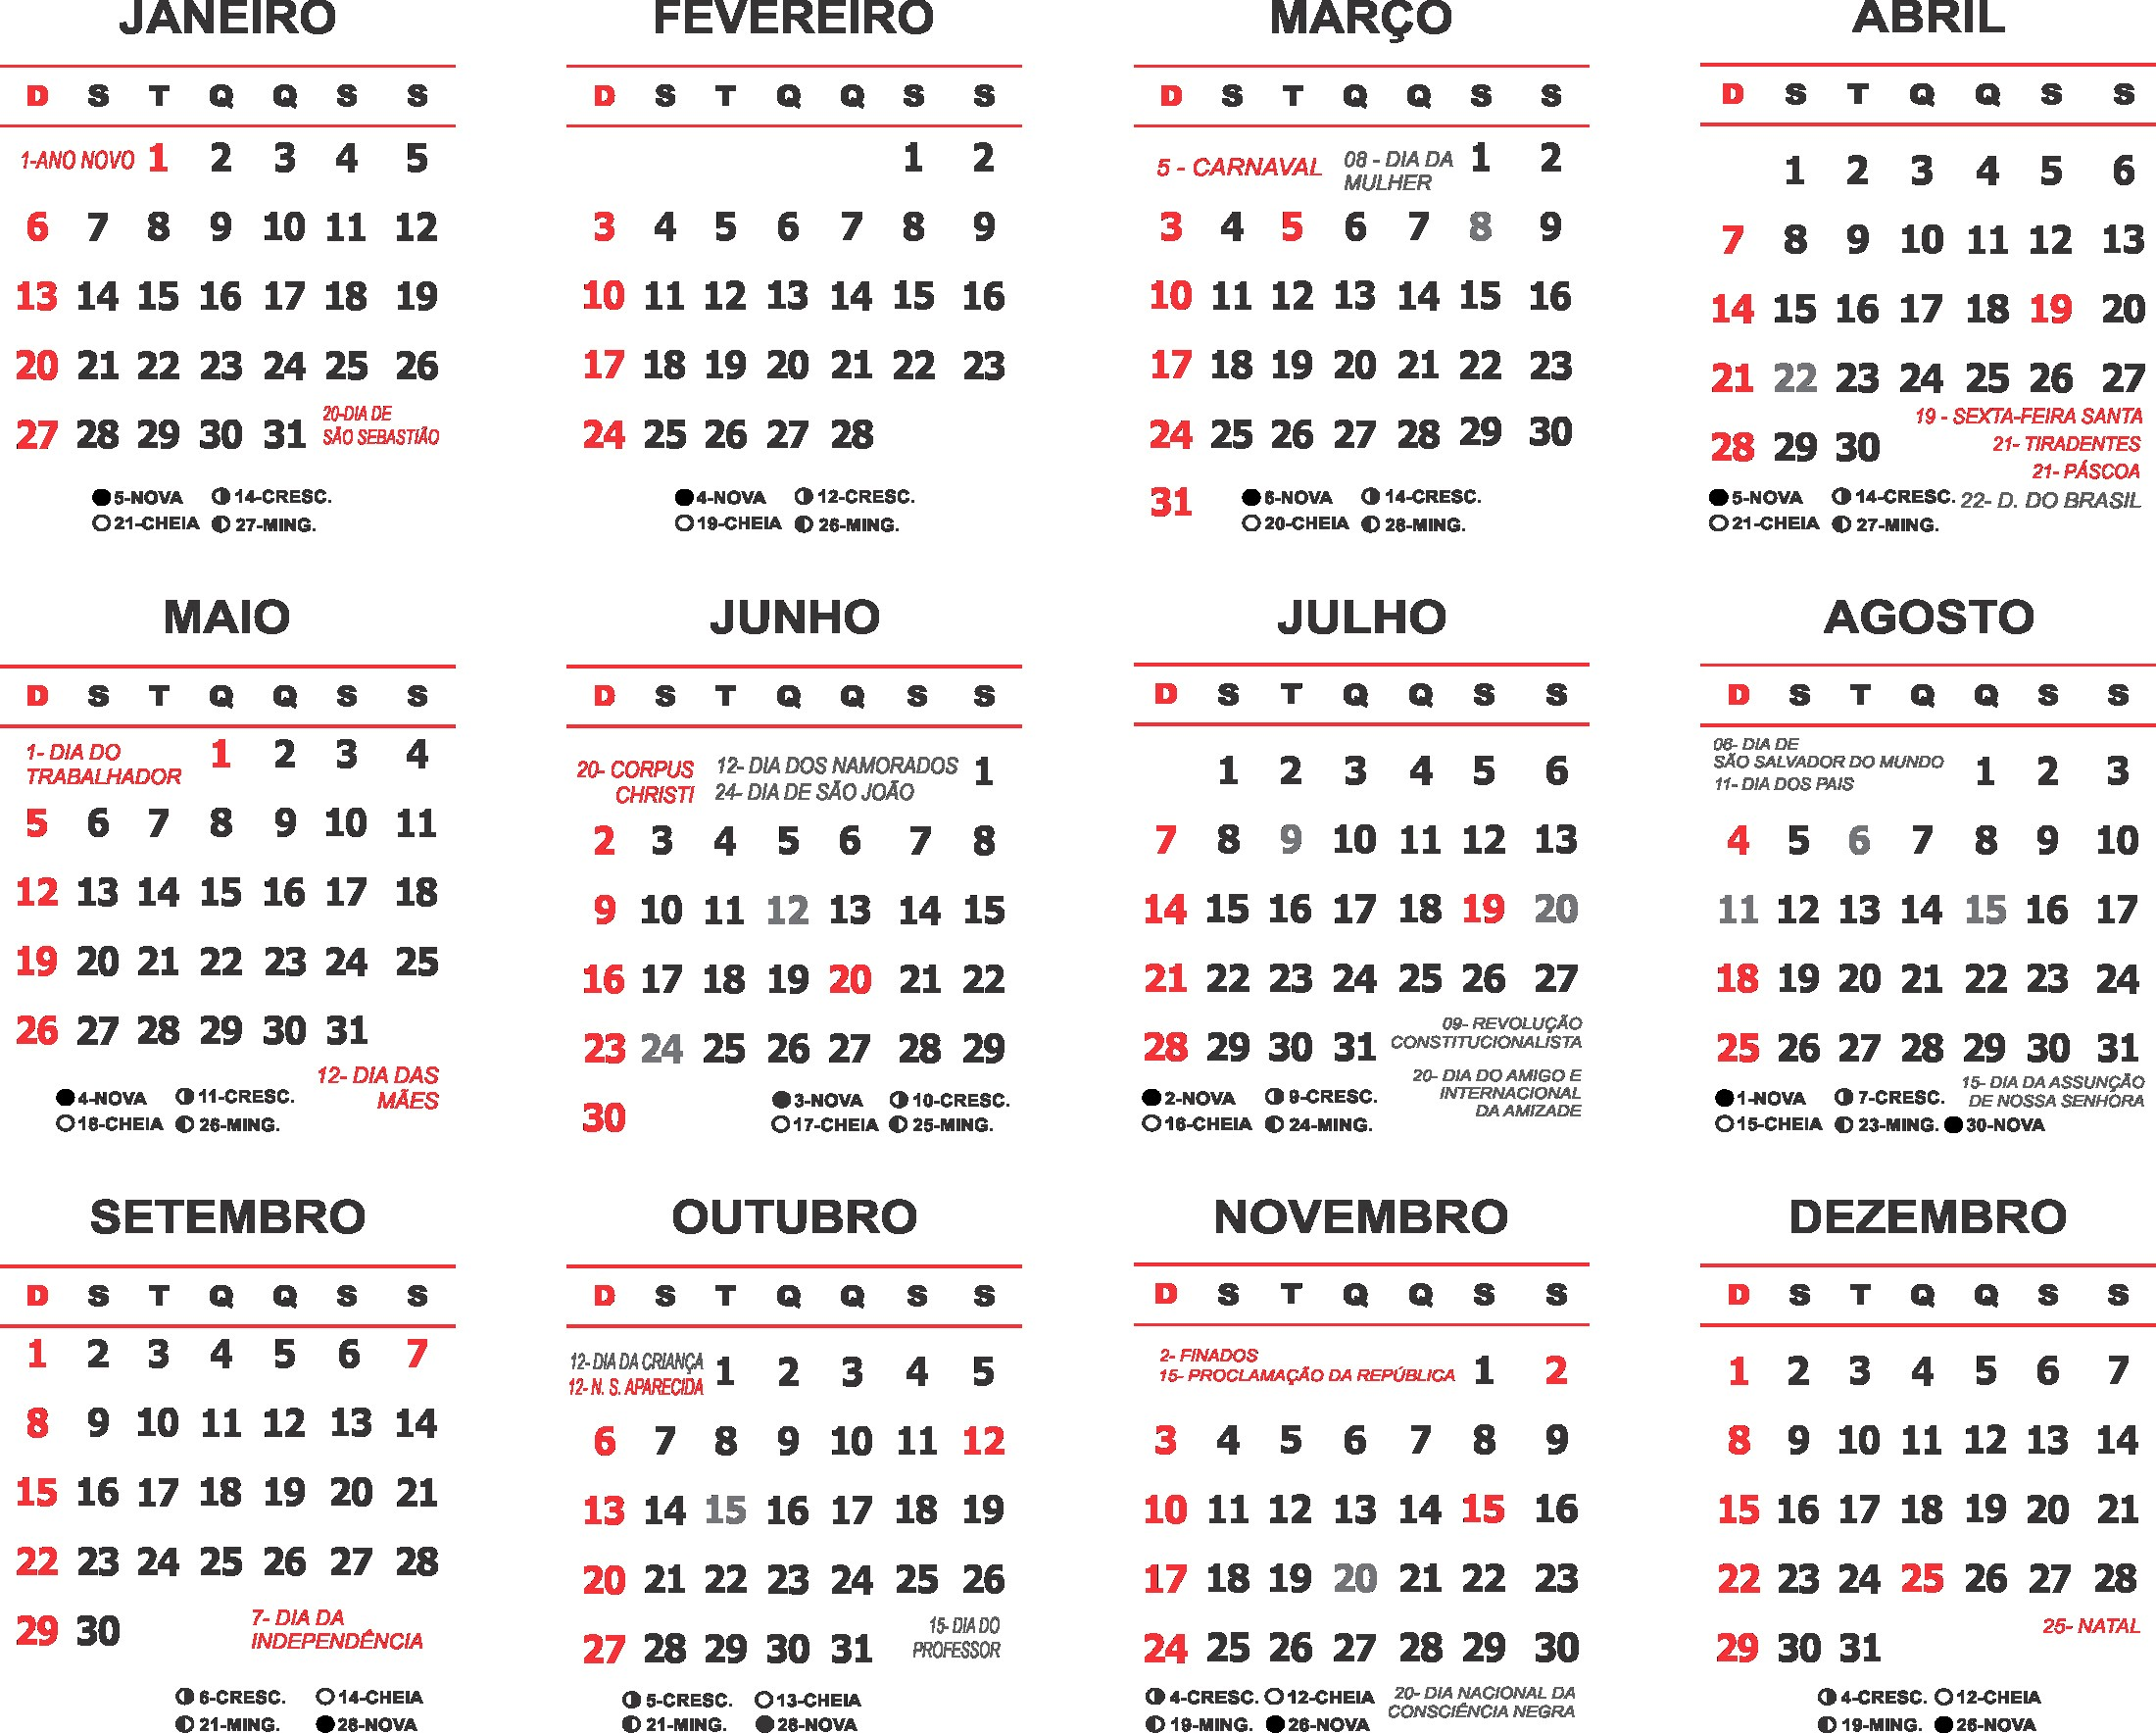 Calendario Colombia 2019 Para Imprimir Pdf Más Caliente Yllana Calendario 2019 2018 12 Of Calendario Colombia 2019 Para Imprimir Pdf Recientes Observar Calendario Para Imprimir 2019 Pdf